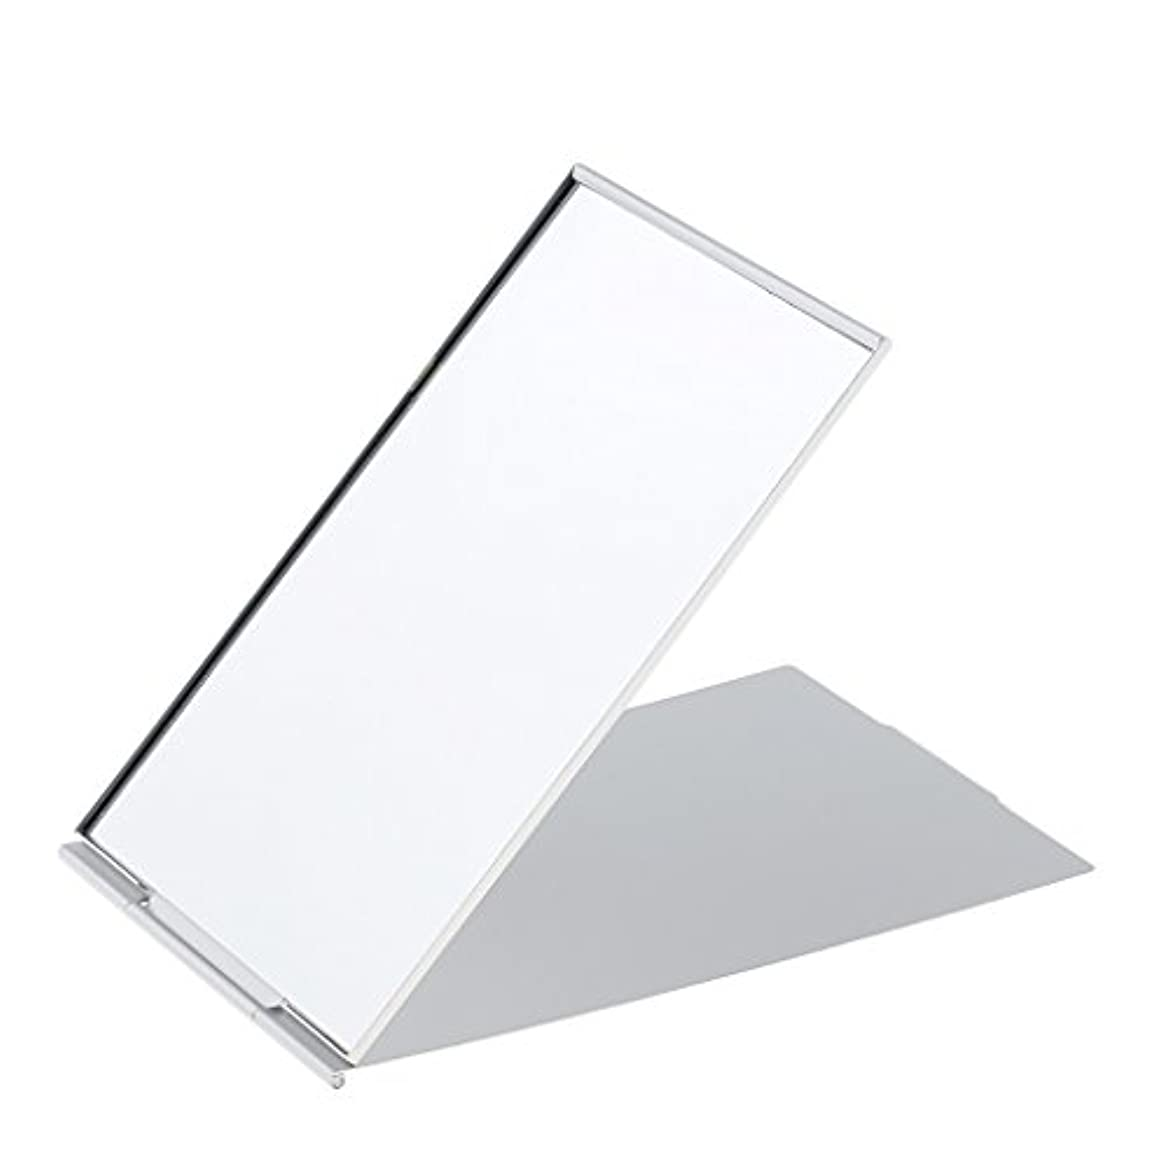 ちょうつがい肝イーウェルDYNWAVE ミニ旅行ポータブル折り畳み式ハンドバッグポケットコンパクト化粧鏡シルバー - #2